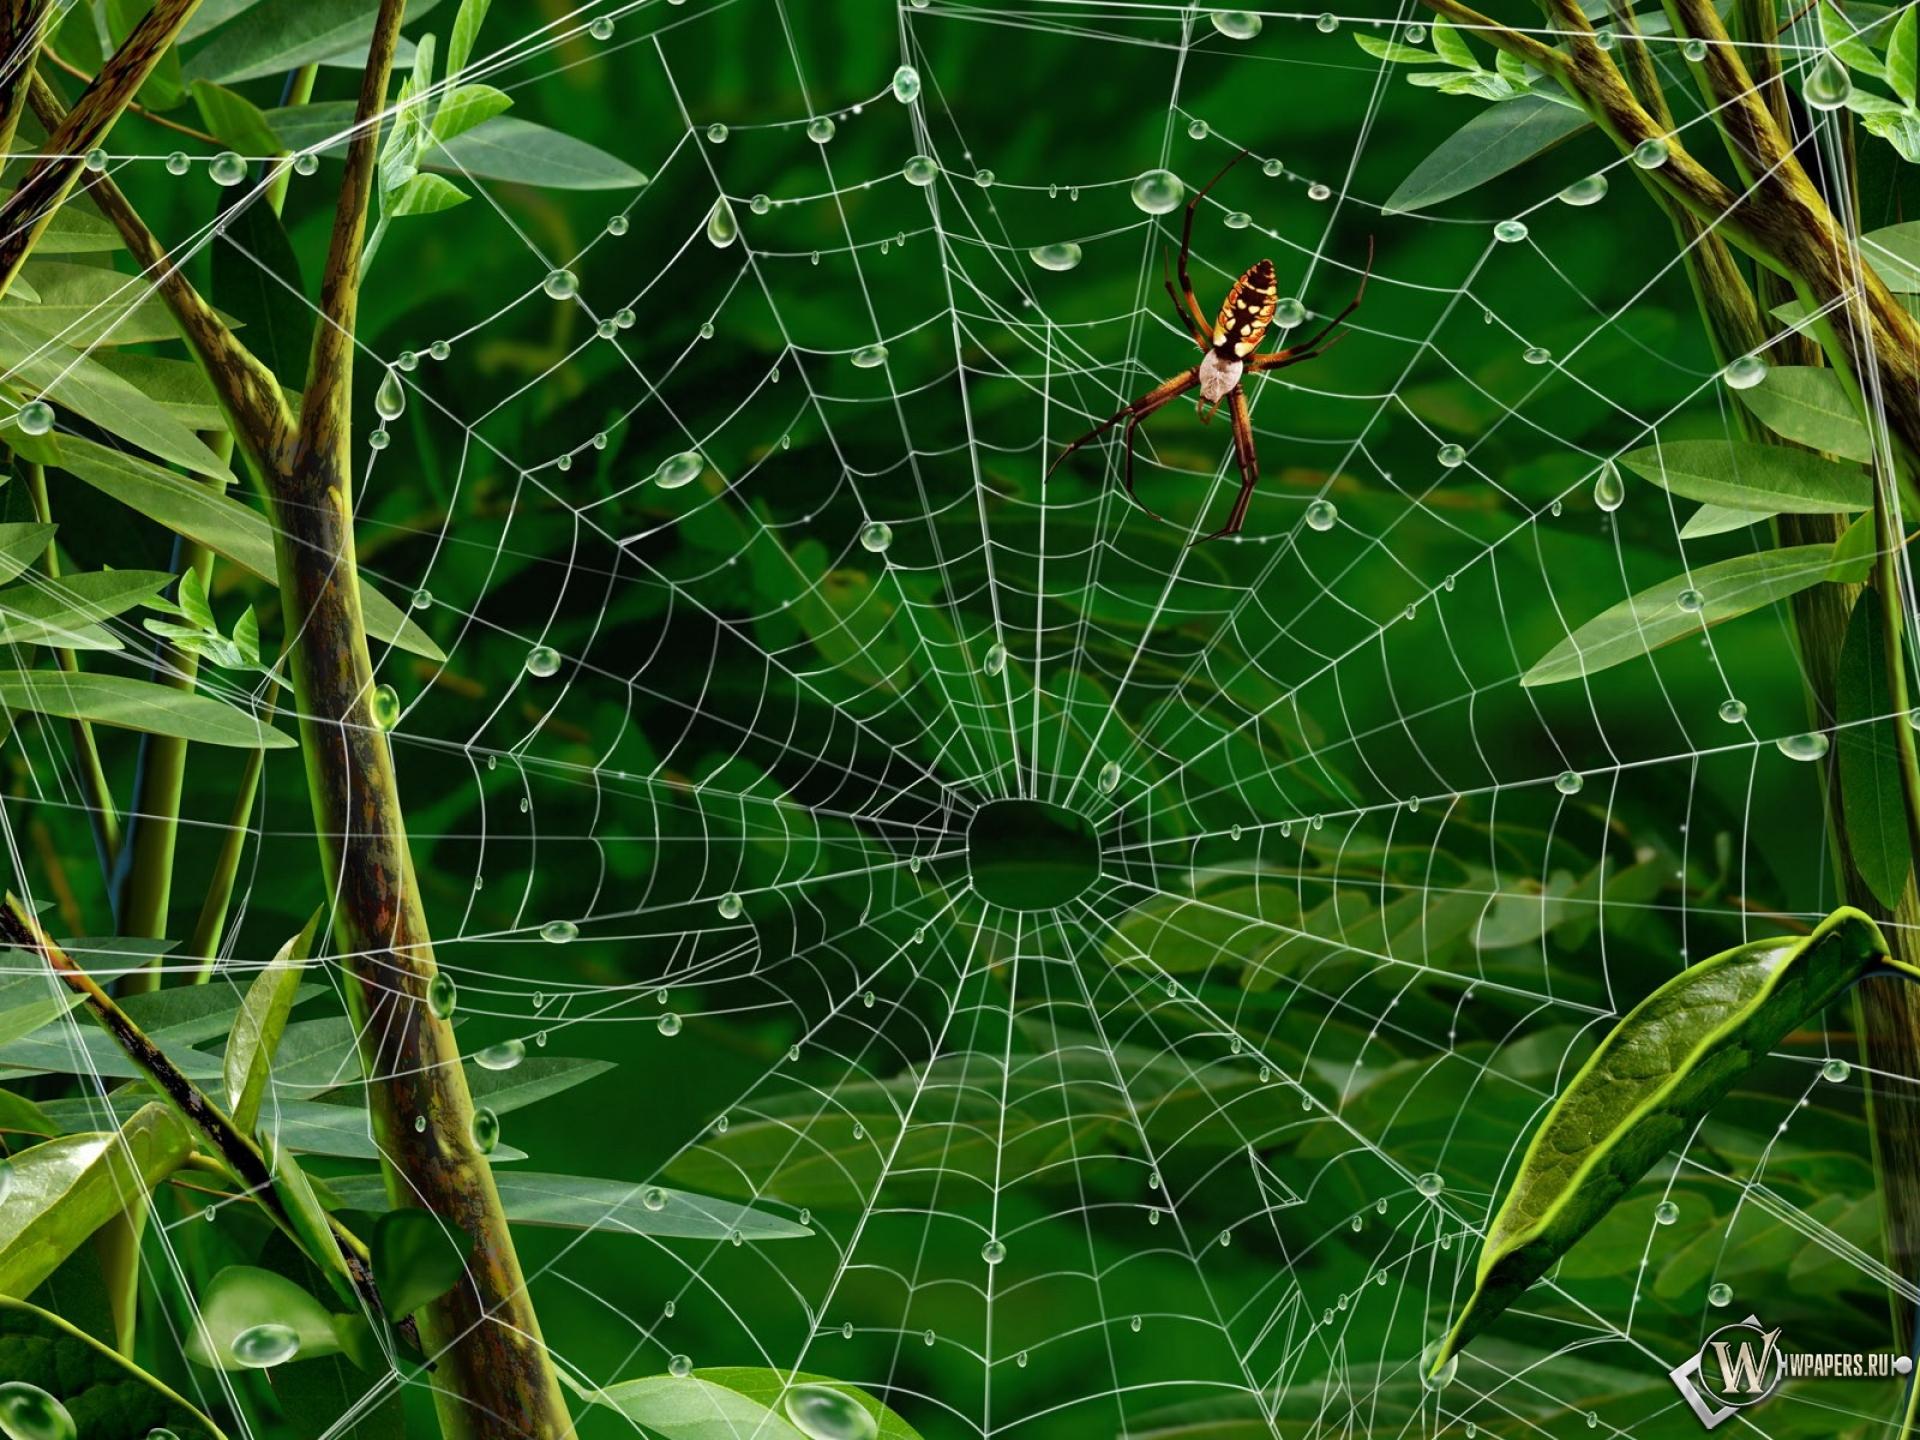 Паук на паутине 1920x1440